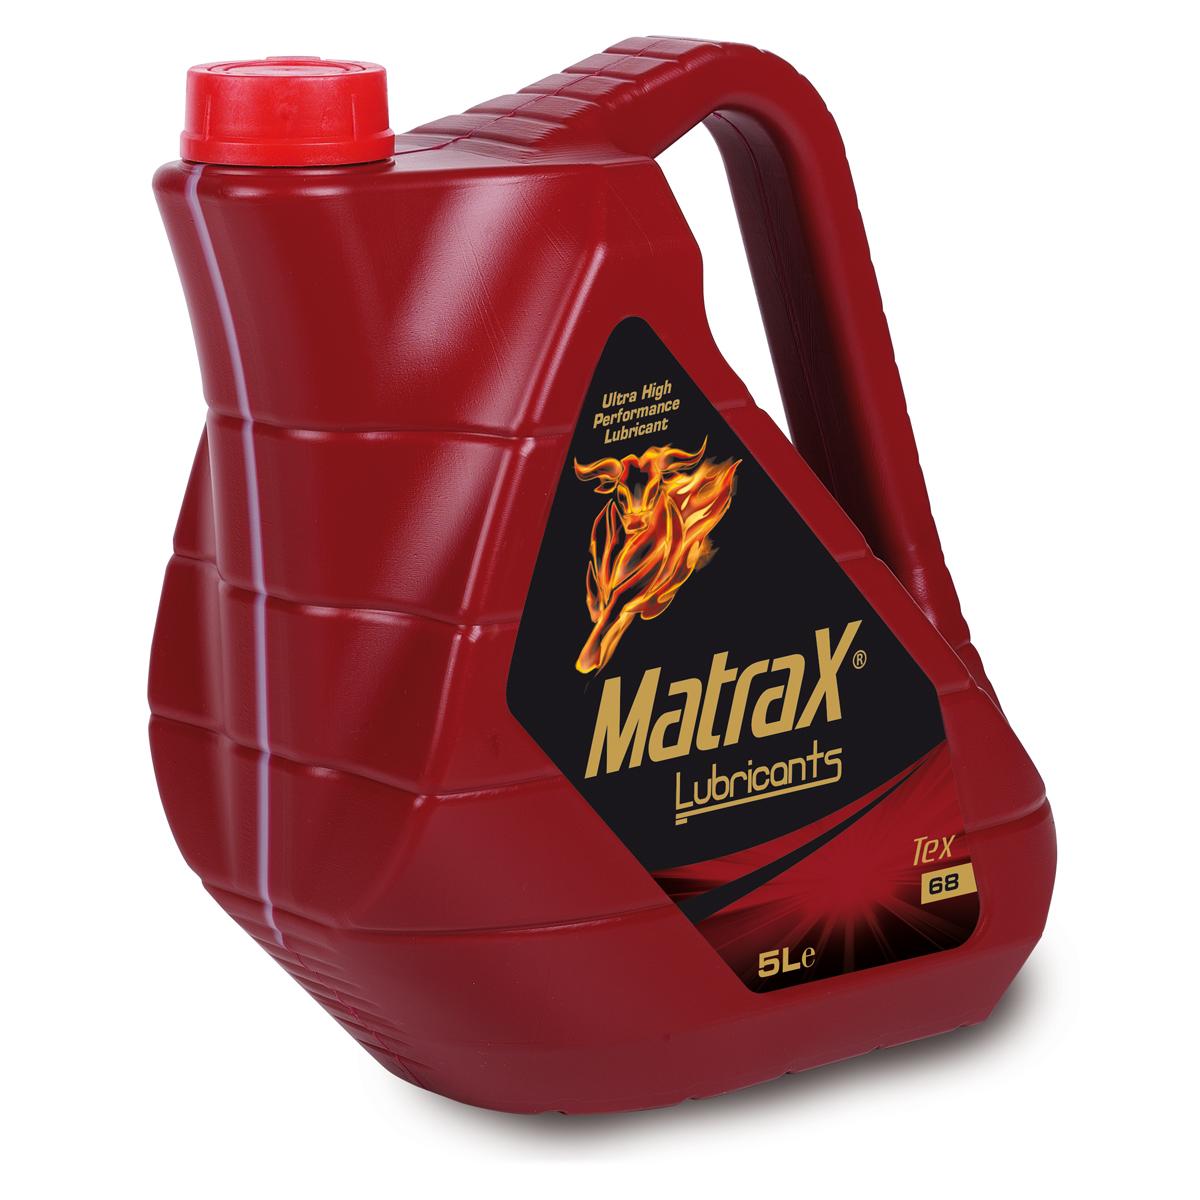 matrax-lubricants-tex-68-5l